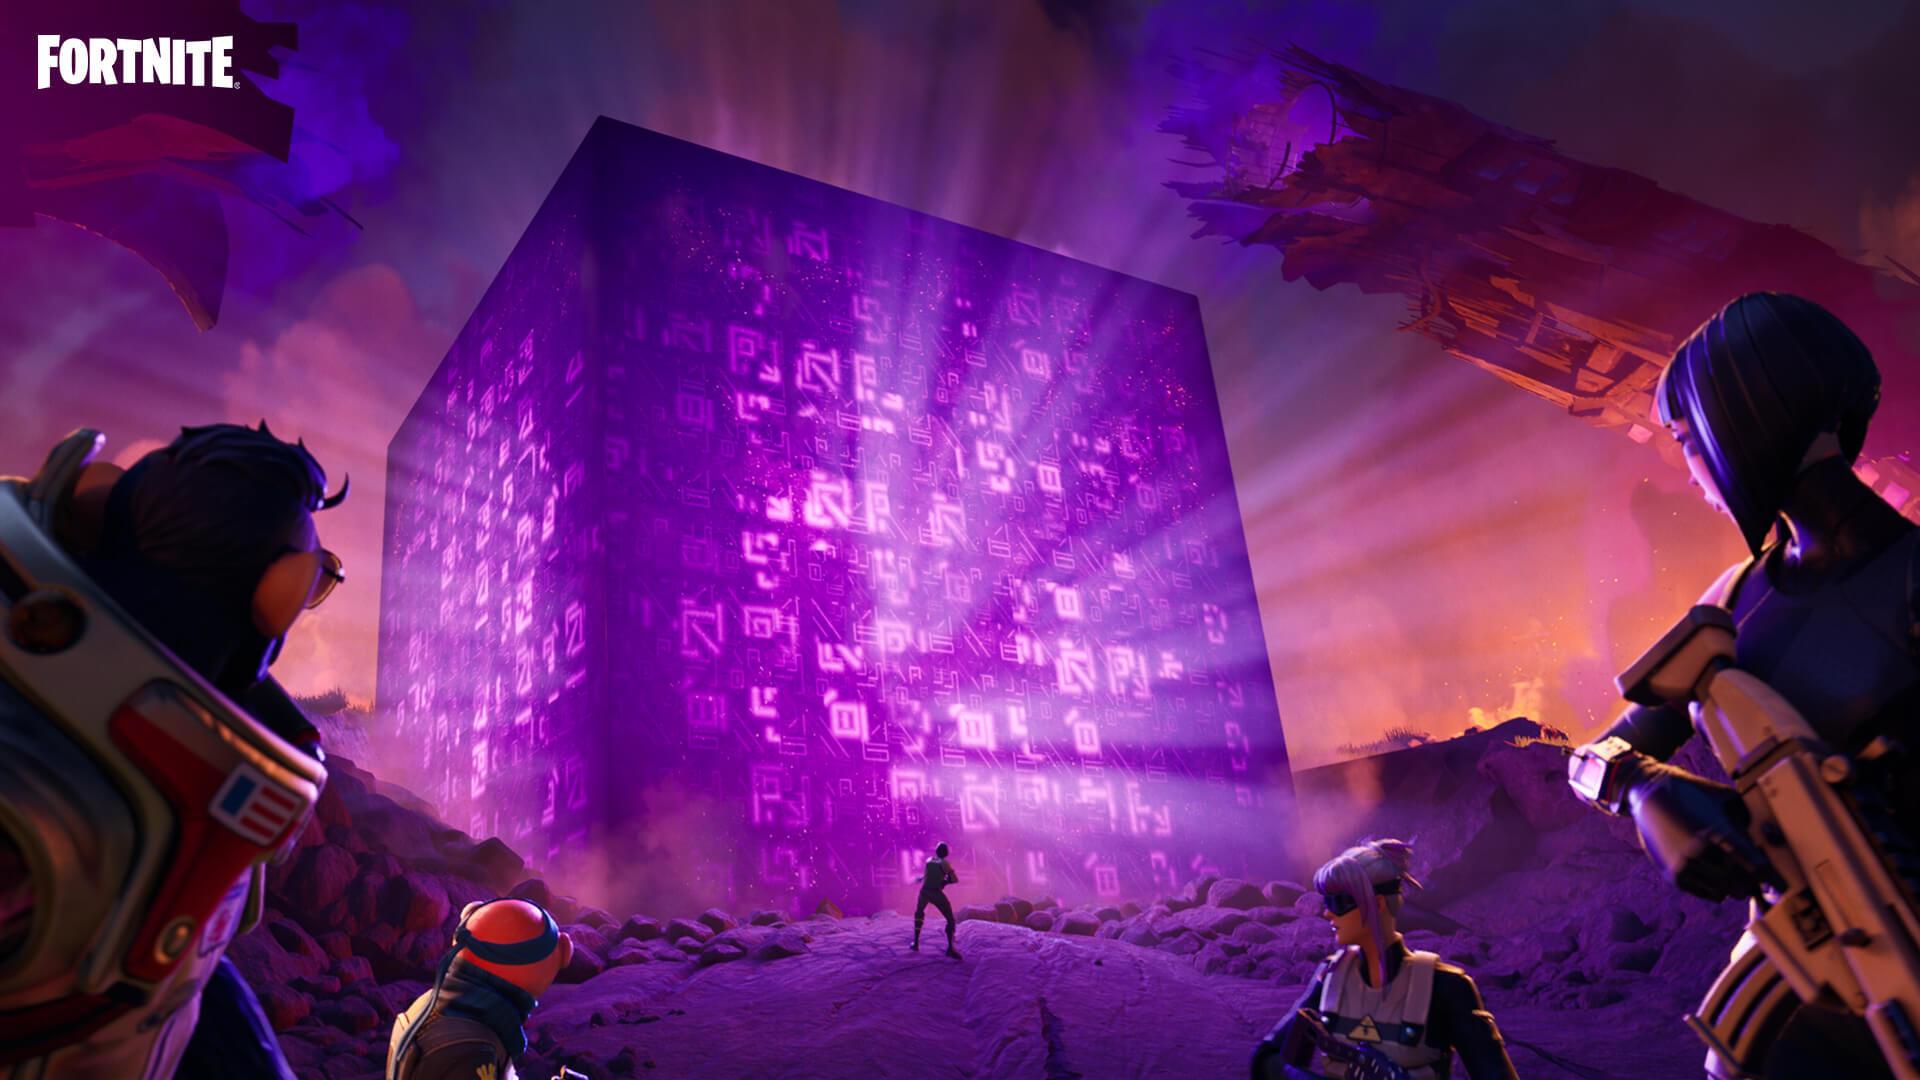 """El Cubo de Fortnite se pone """"tontito""""durante estos días."""